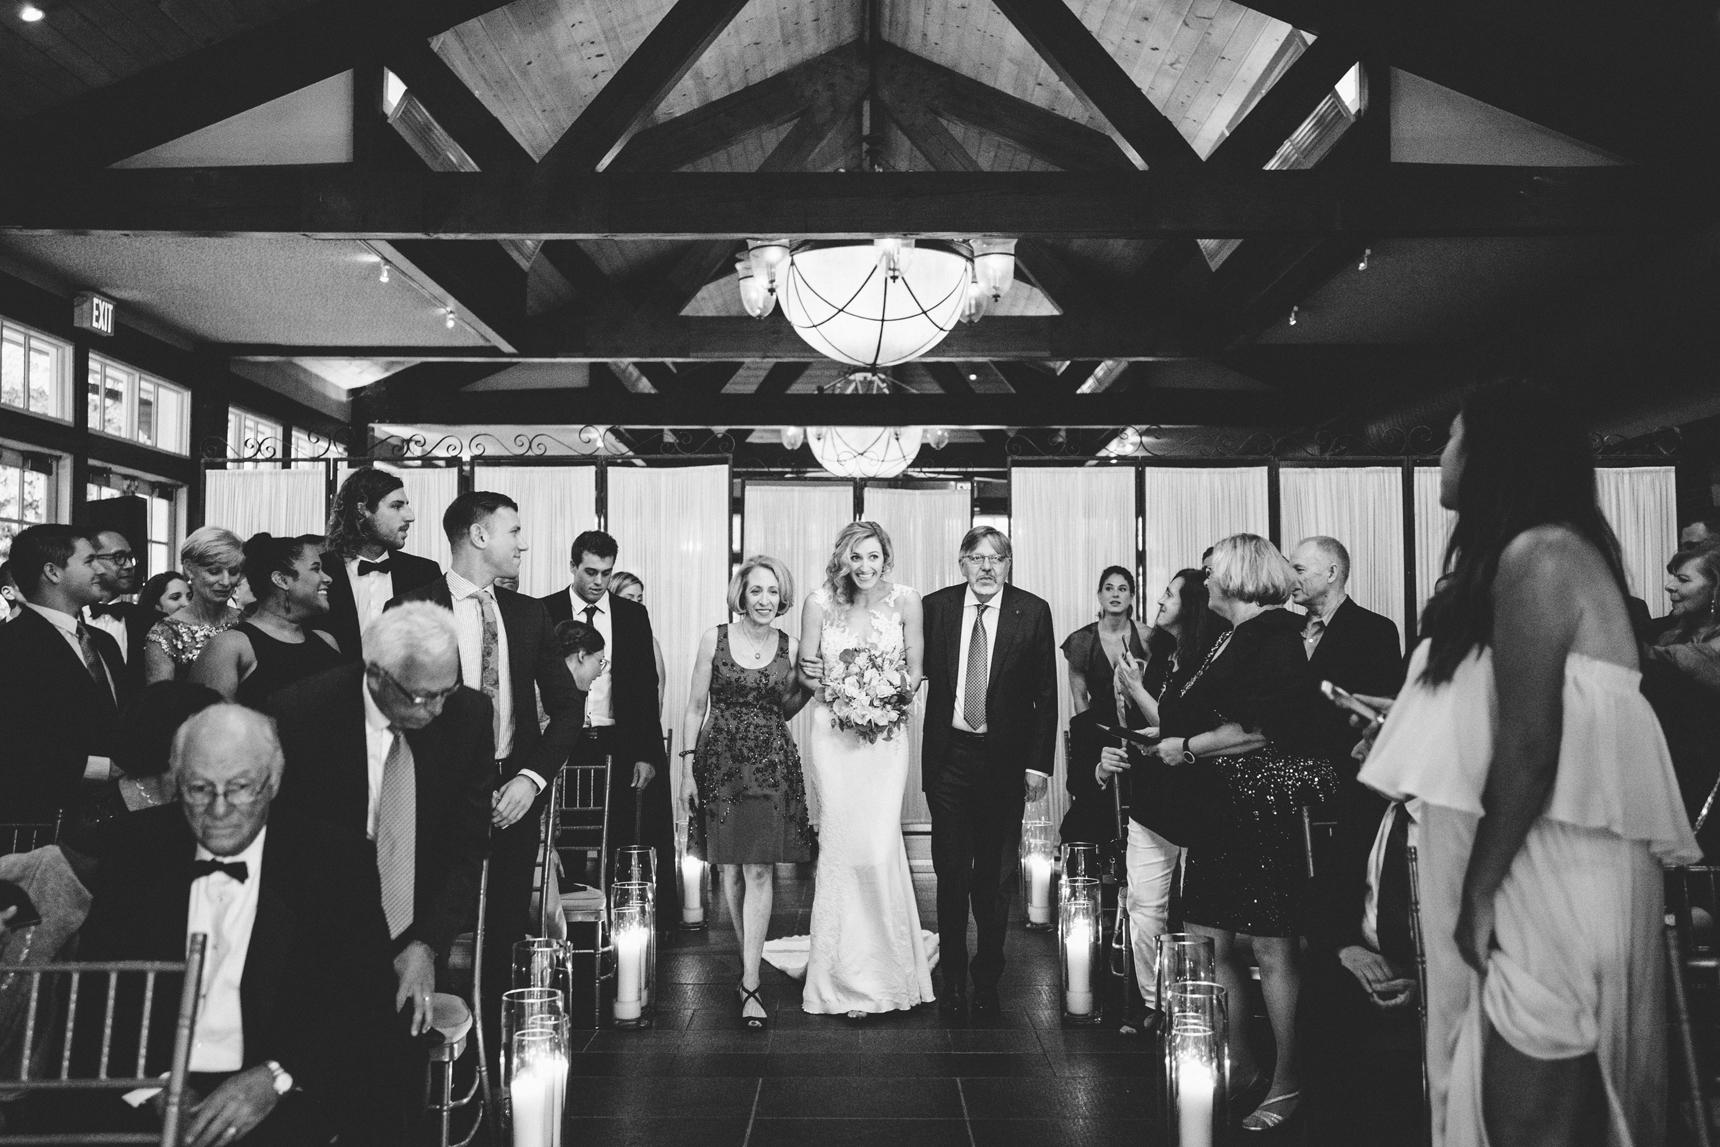 Jory_LoebBoathouse_CentralPark_NewYork_WeddingPhotographer093.jpg